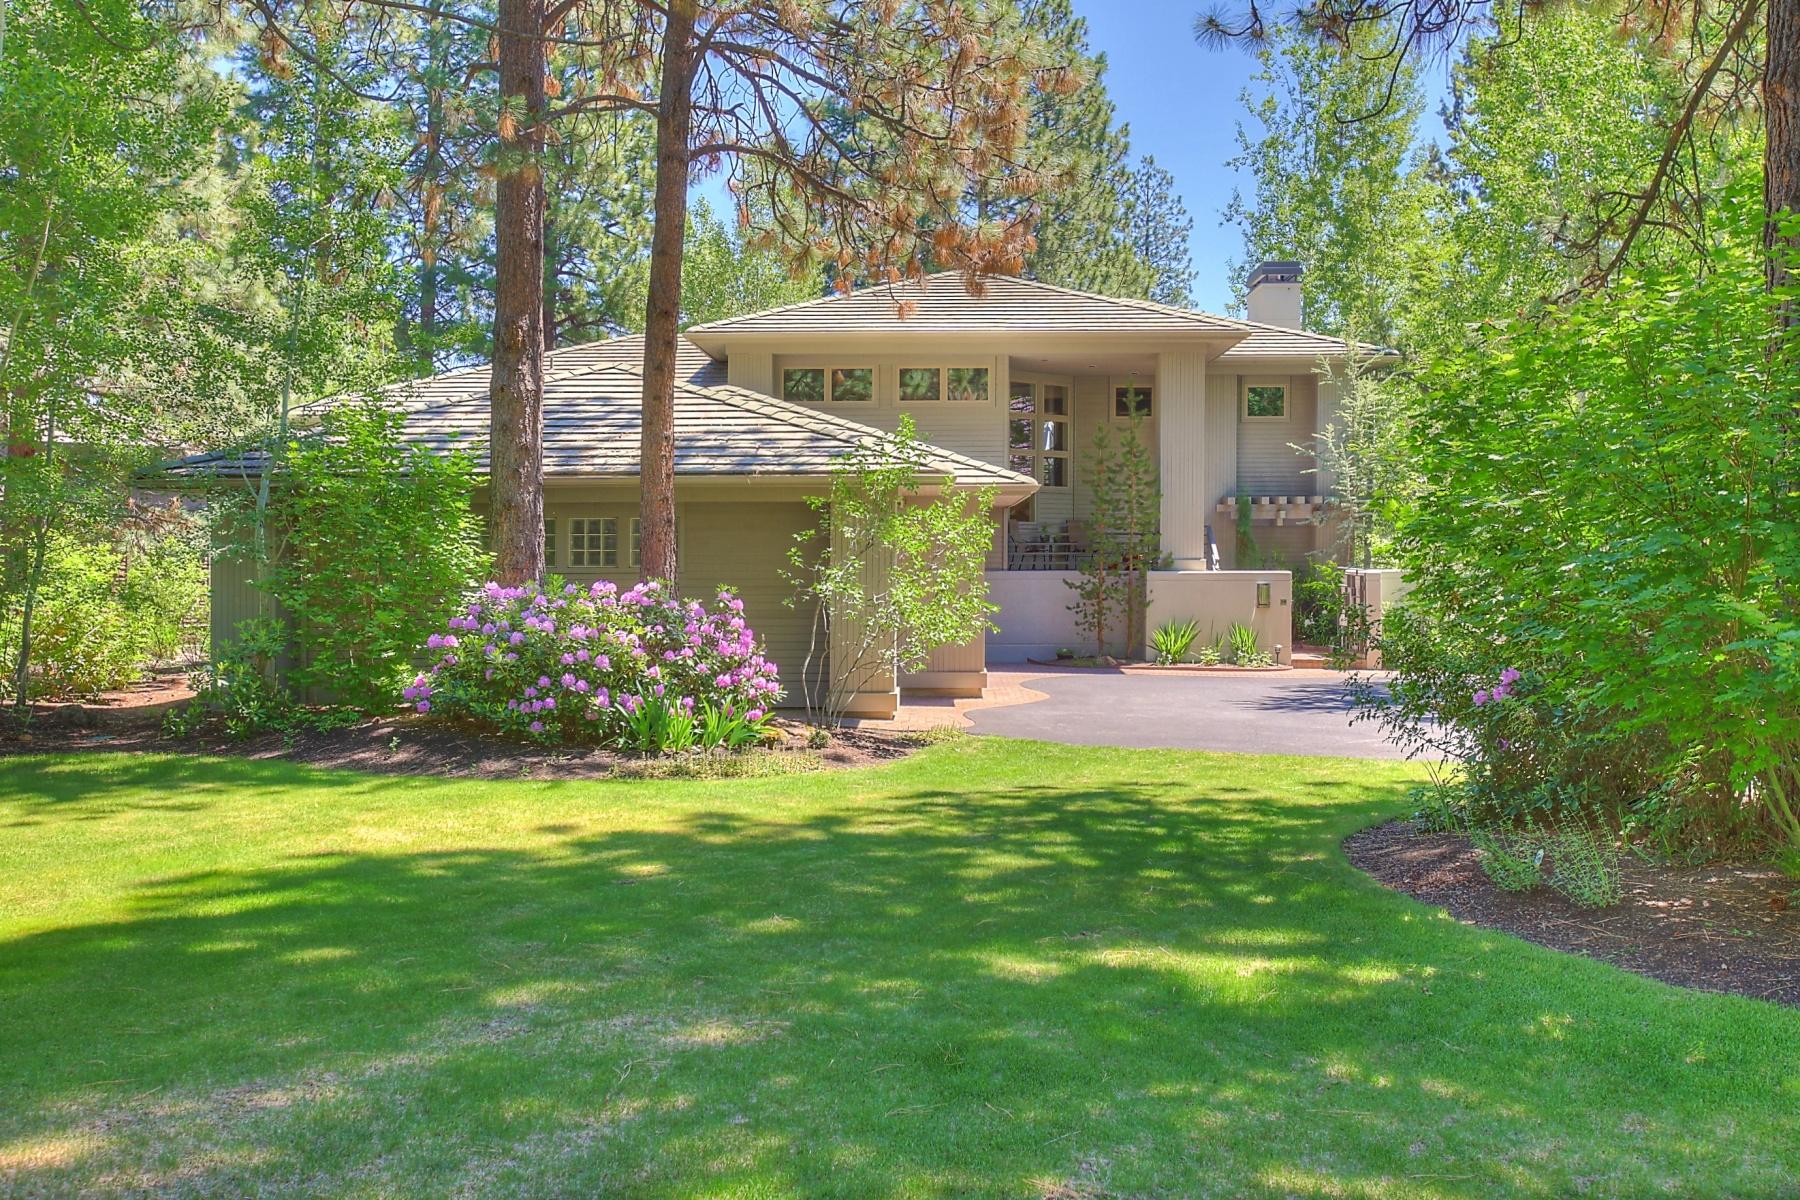 Tek Ailelik Ev için Satış at Broken Top 61715 Tam McArthur Loop Bend, Oregon 97702 Amerika Birleşik Devletleri